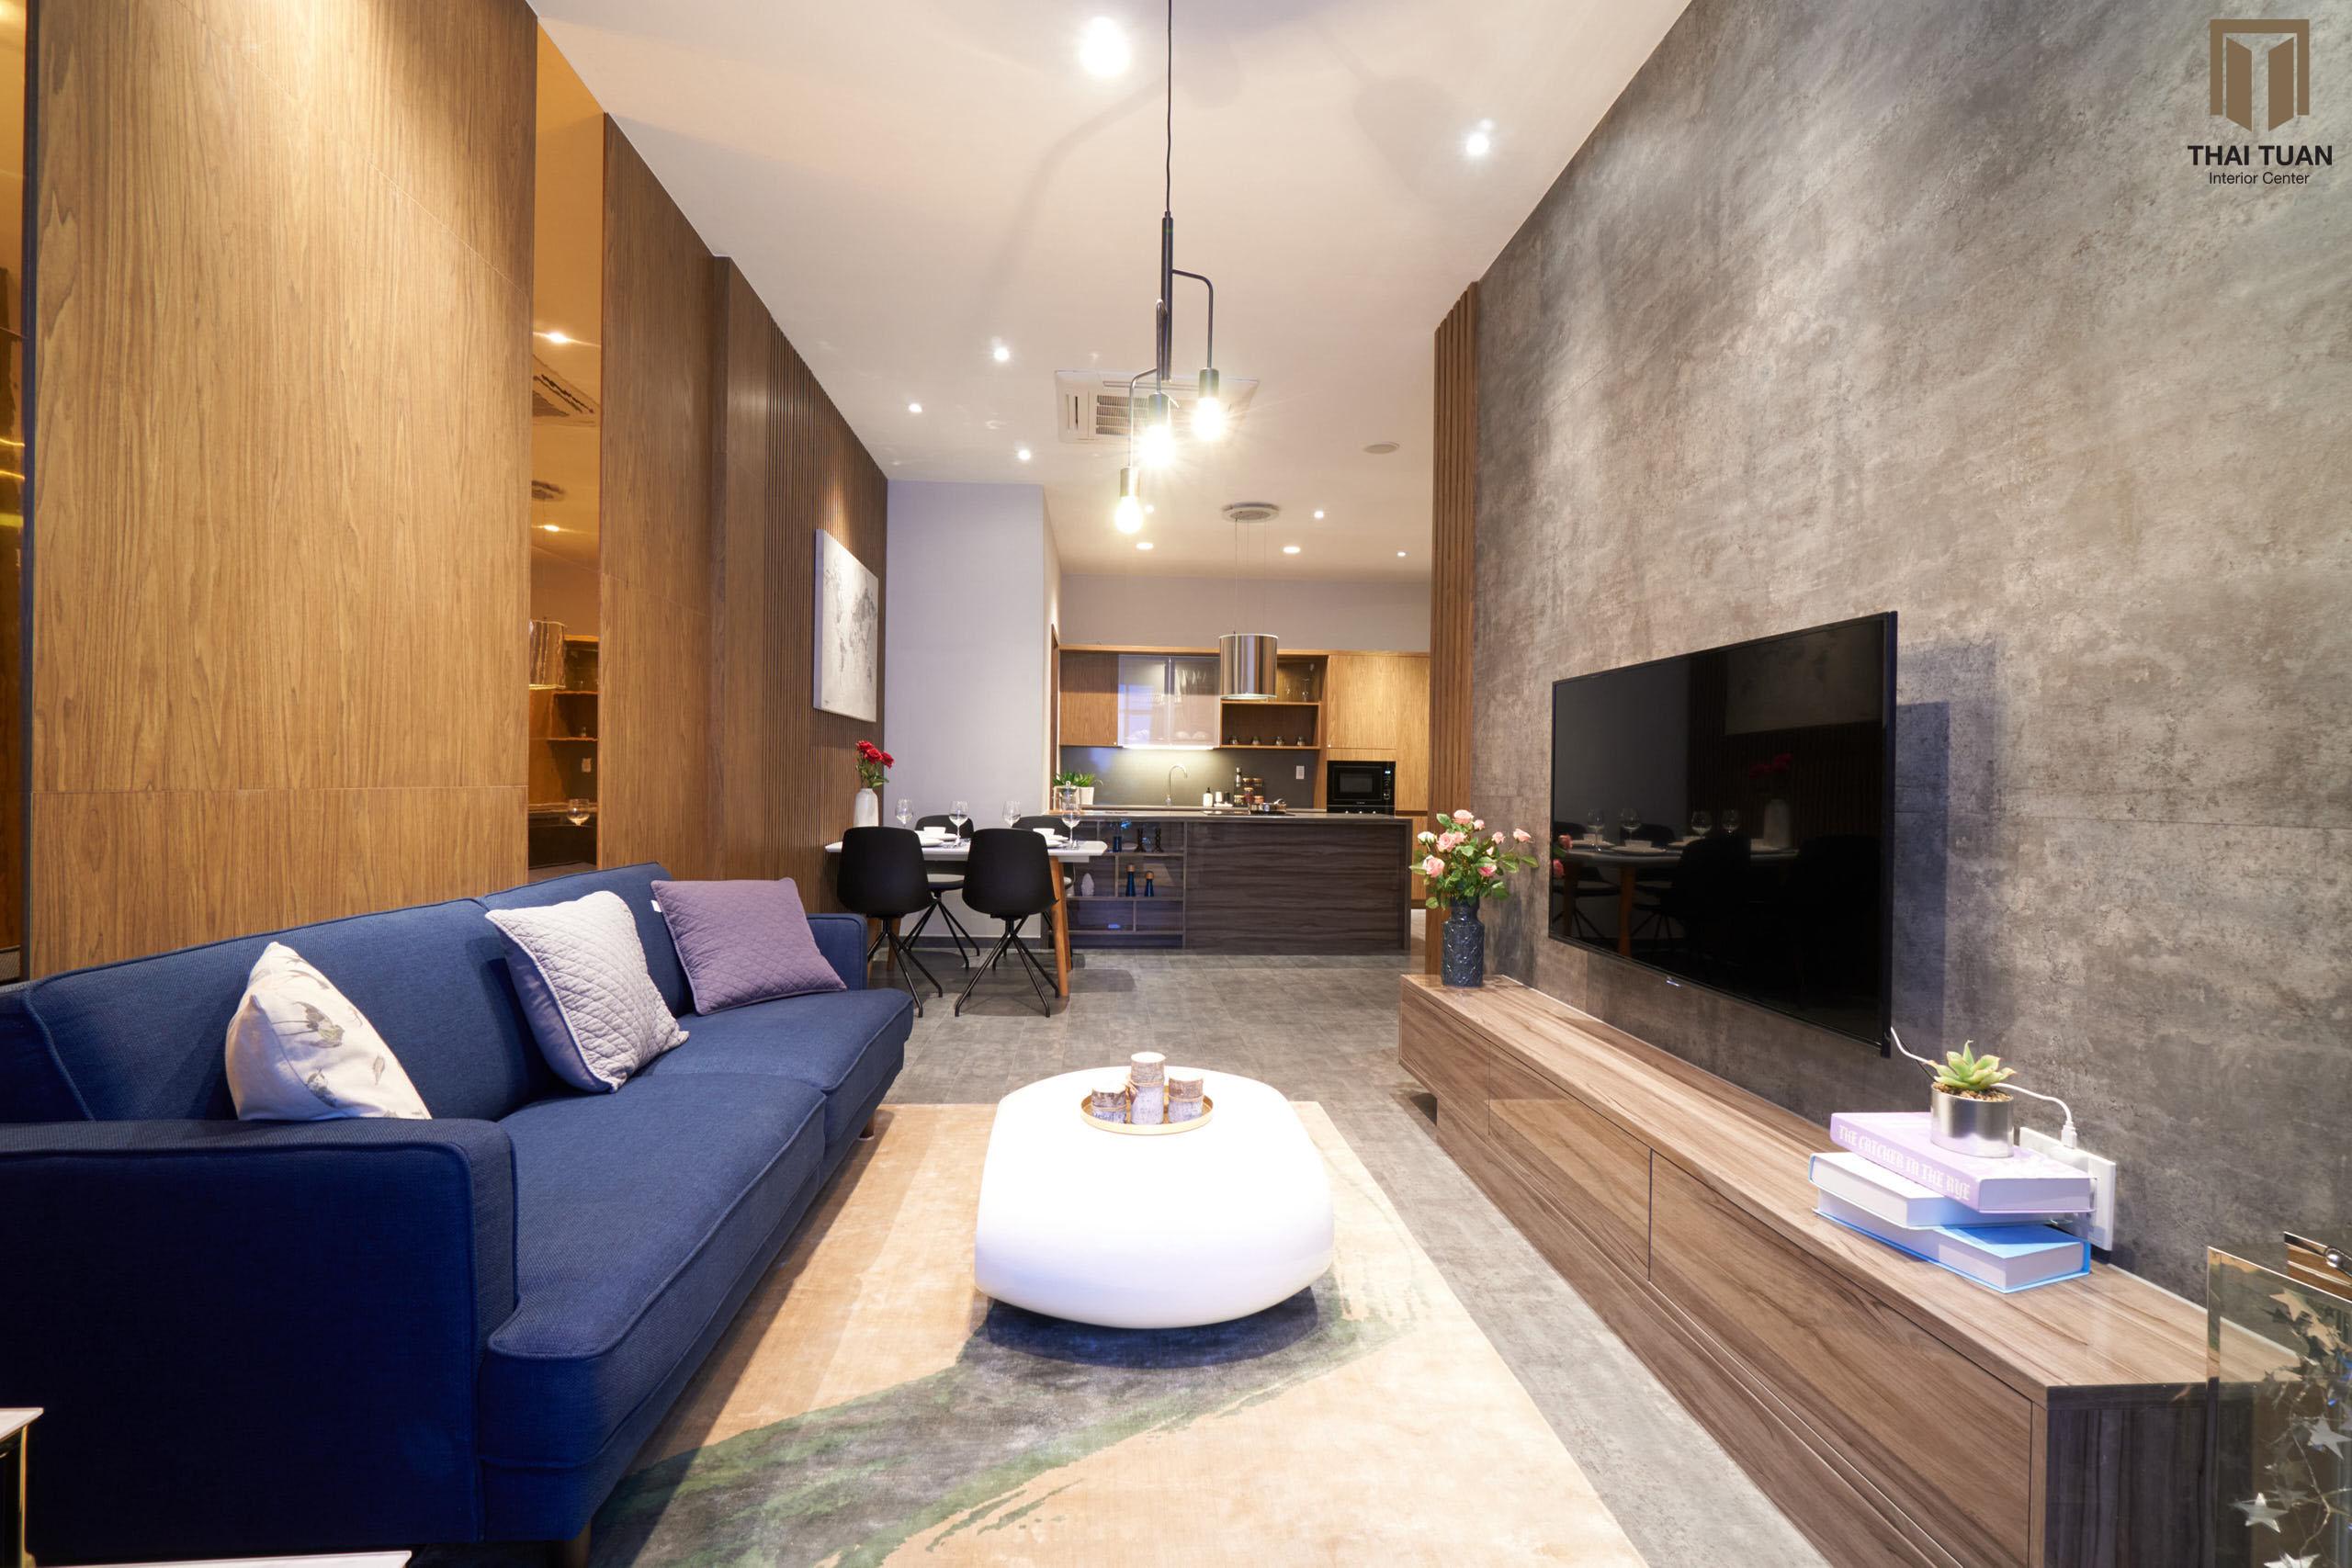 Từ view phòng khách vẫn có thể nhìn ra thiên nhiên và phòng bếp ăn, nhưng vẫn giữ được sự riêng tư